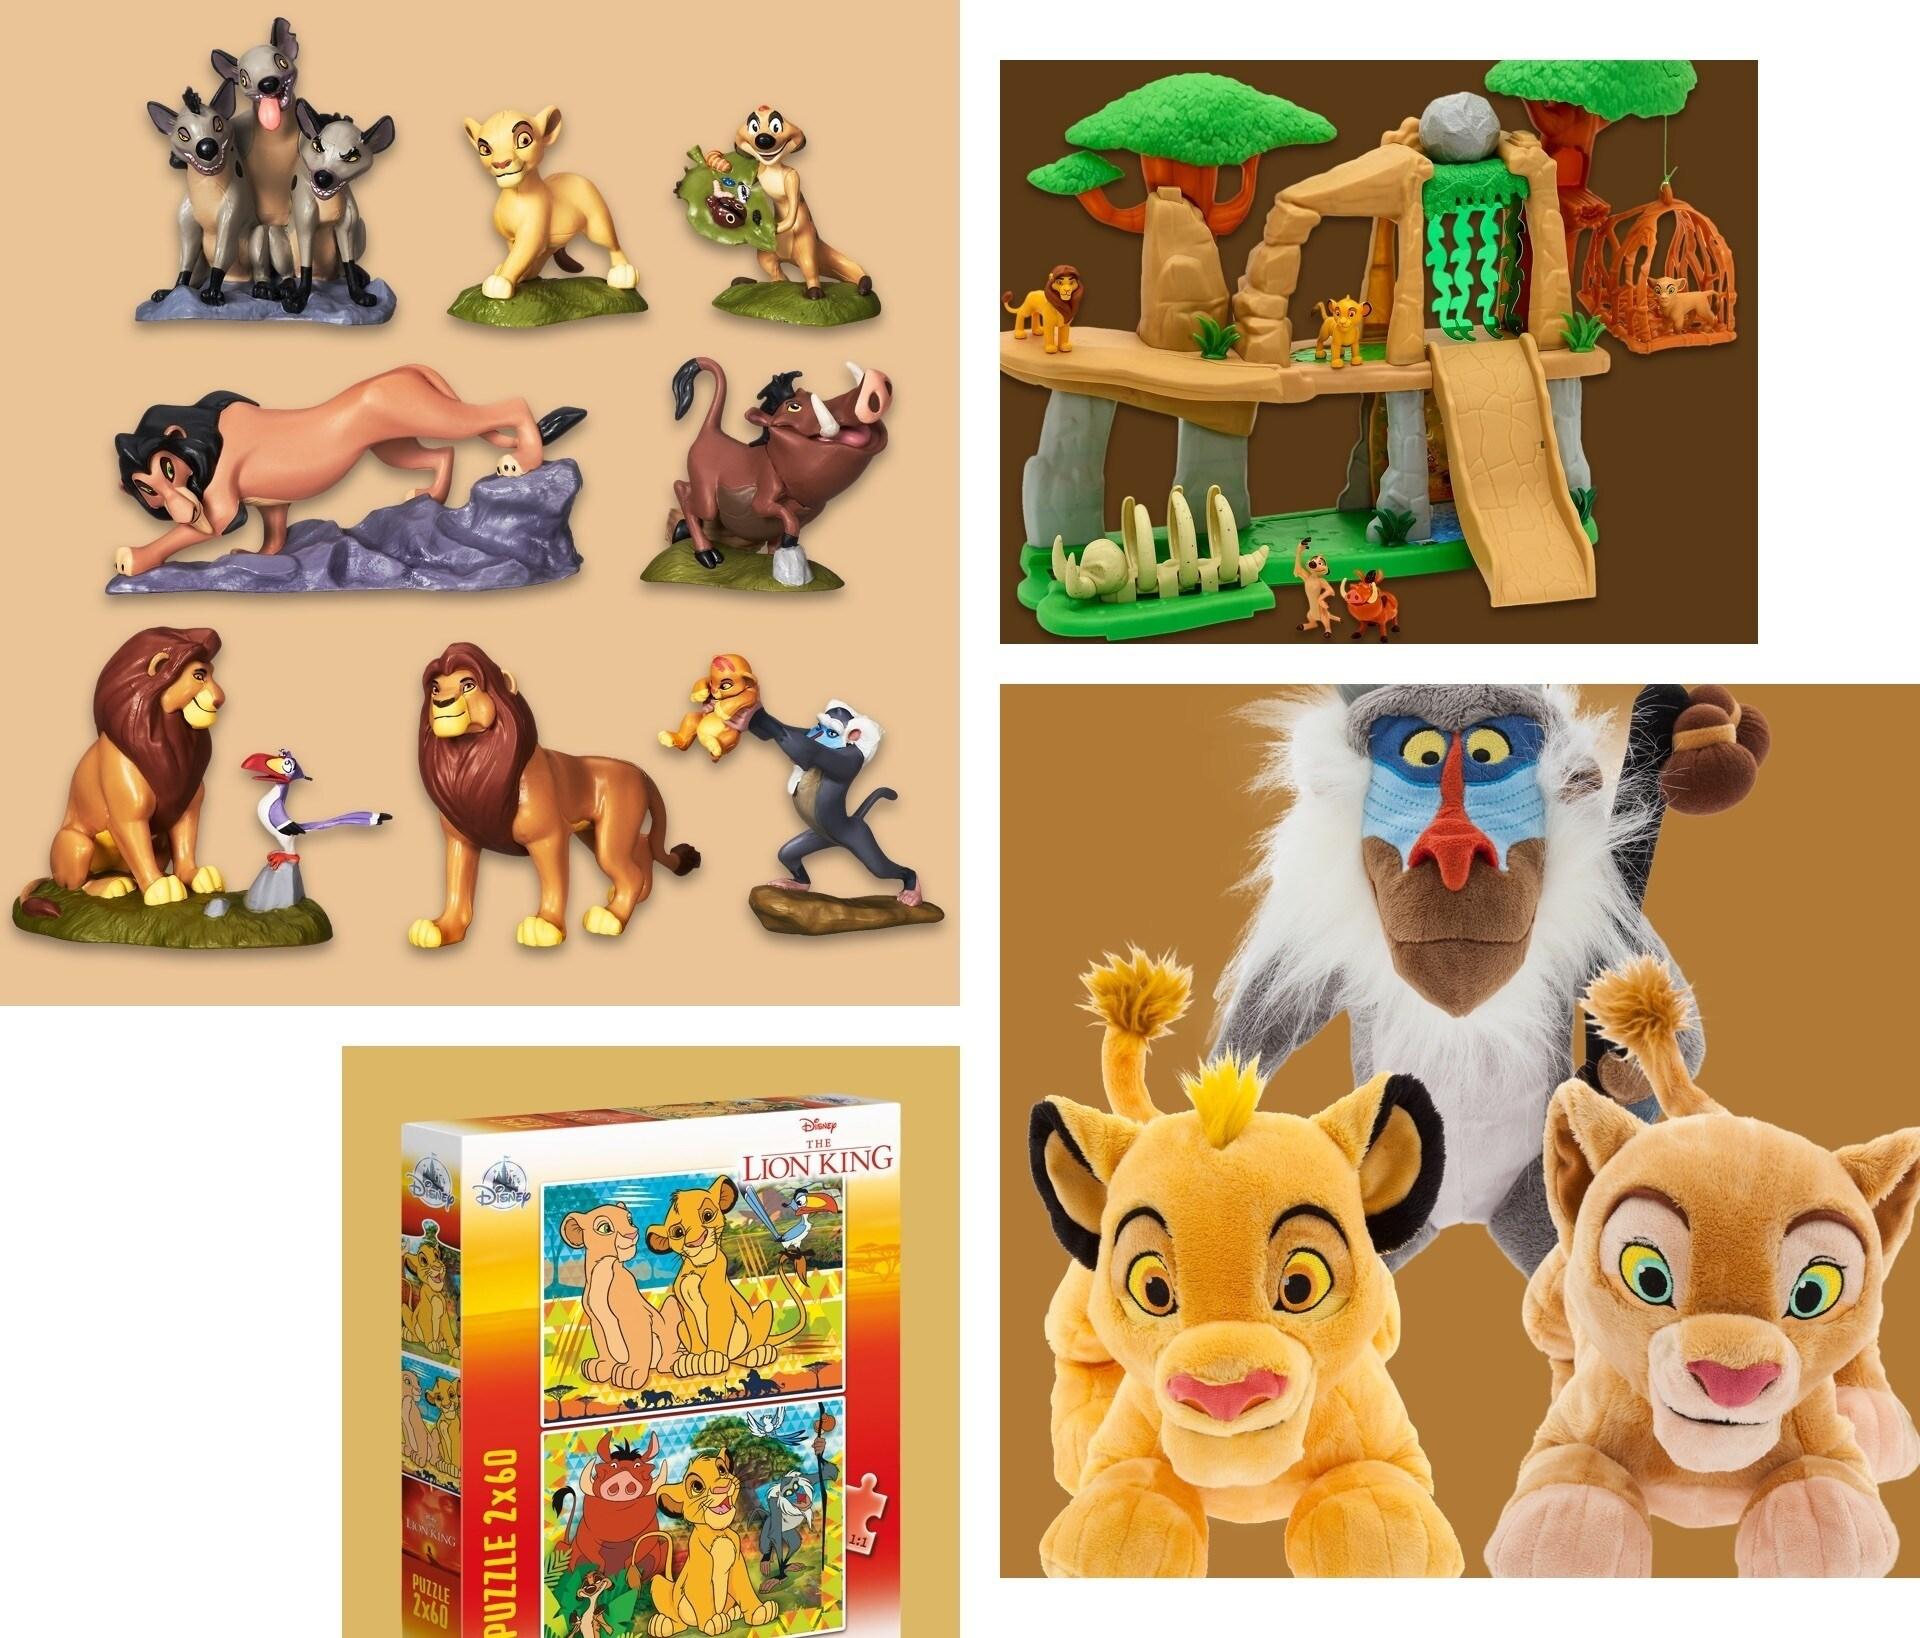 Uma seleção de brinquedos inspirados em O Rei Leão (The Lion King)